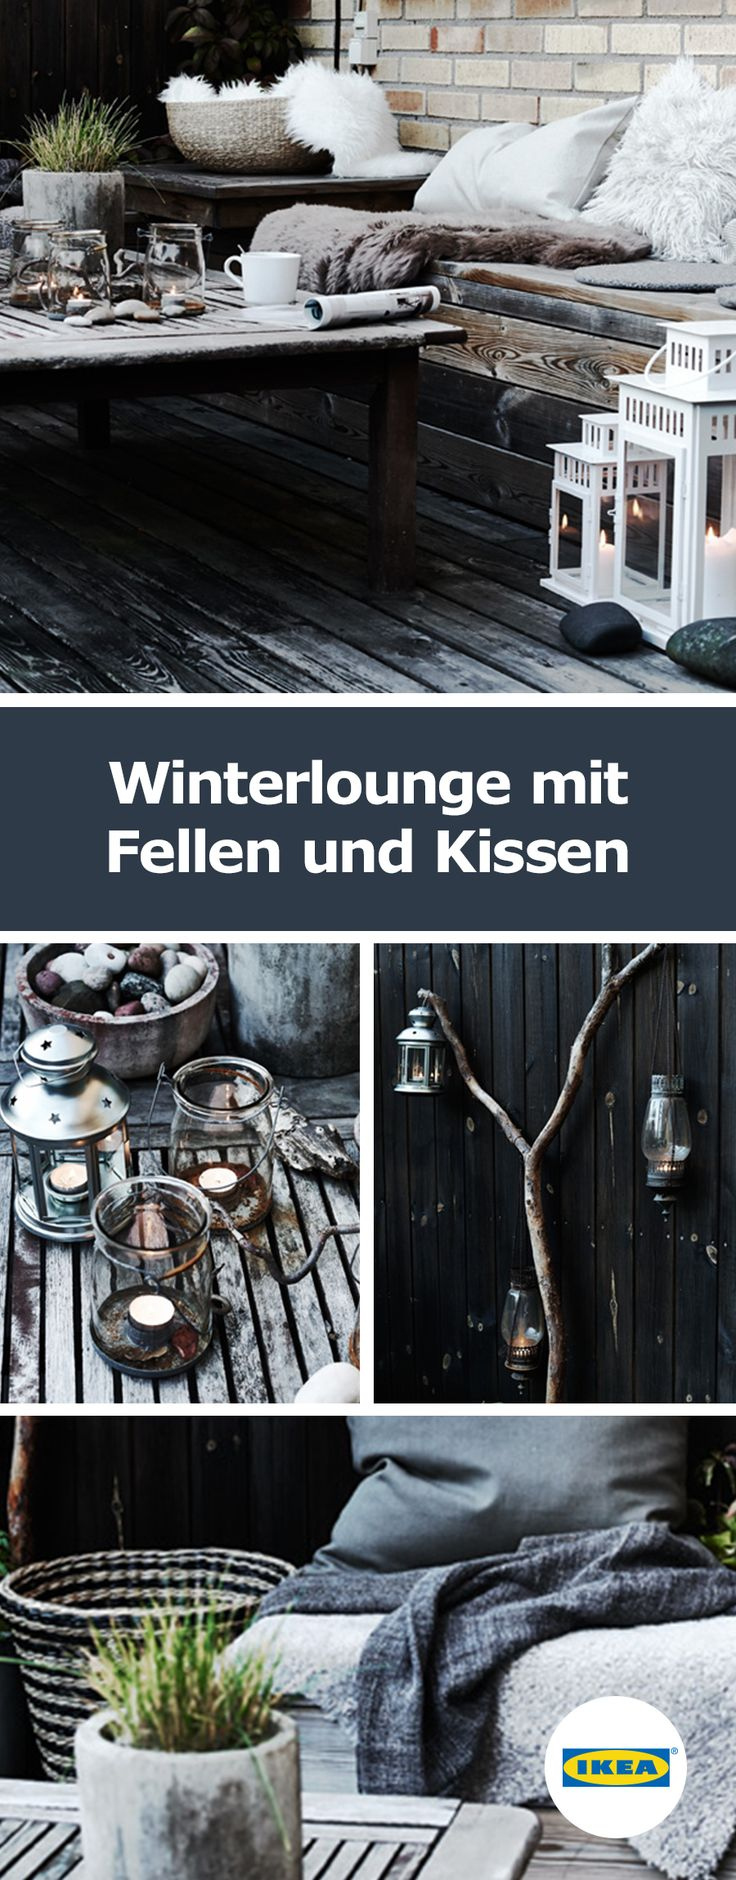 Außen-Lounge: Entspannung für kühle Tage